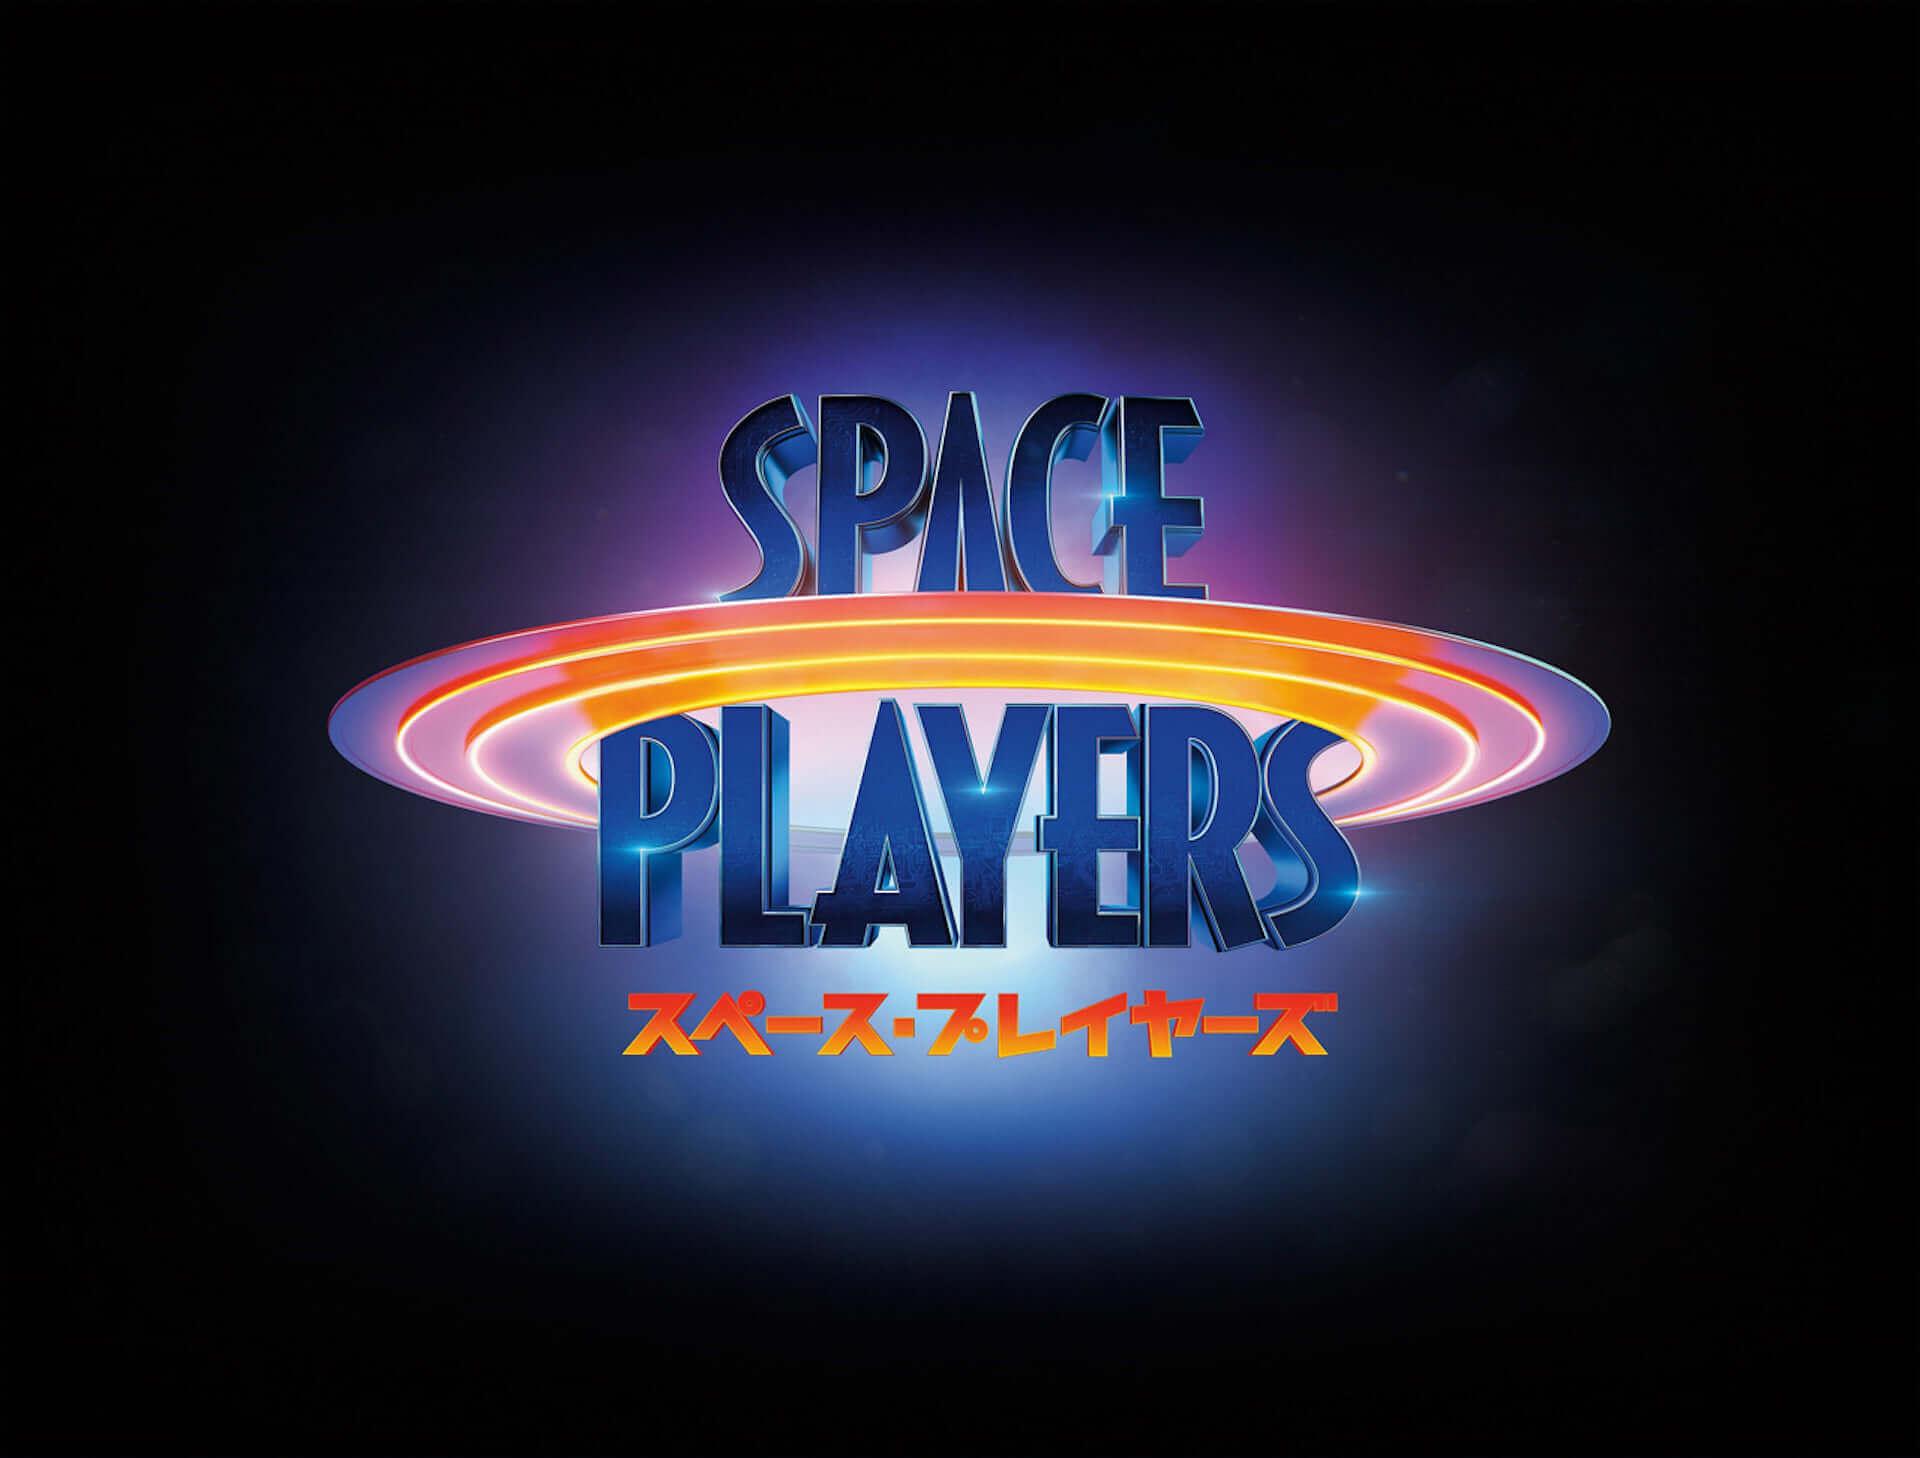 ジョーカー、ワンダーウーマン、ペニーワイズも登場する『スペース・プレイヤーズ』が全米No.1に!『ブラック・ウィドウ』を抑えて大ヒットスタート film210719_spacejam2_4